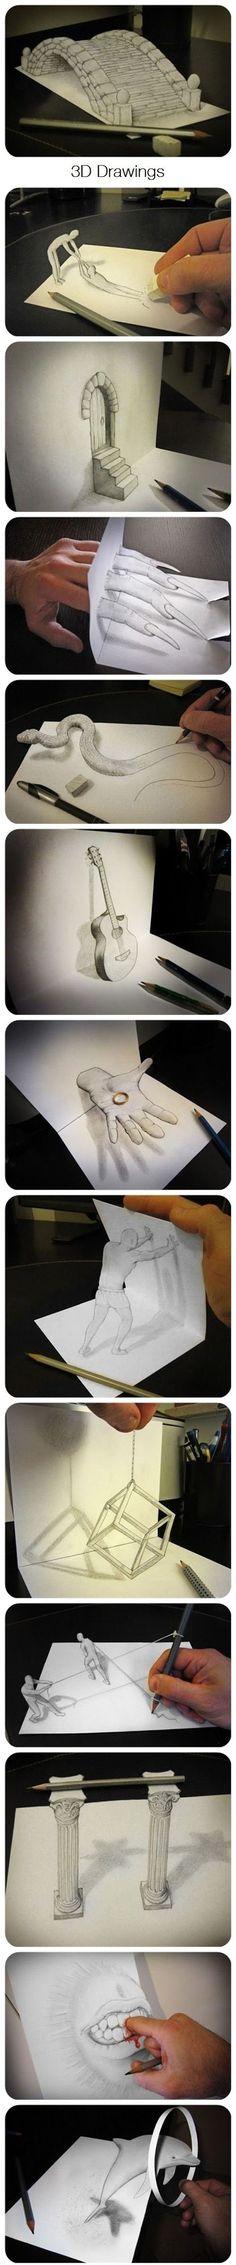 3D Drawings                                                                                                                                                                                 Mehr